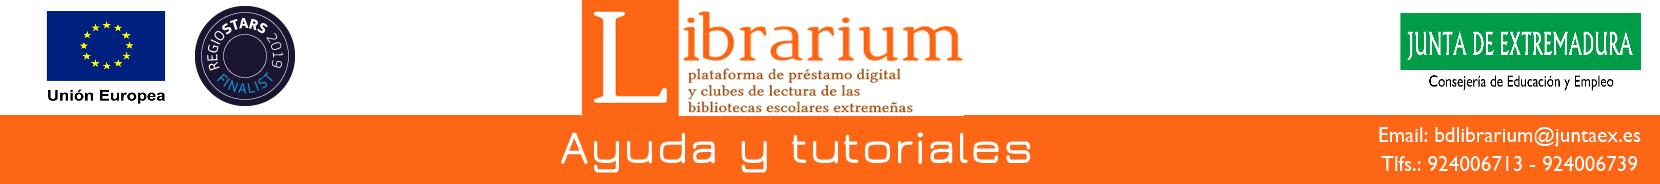 Cabecera de la web de ayuda de Librarium